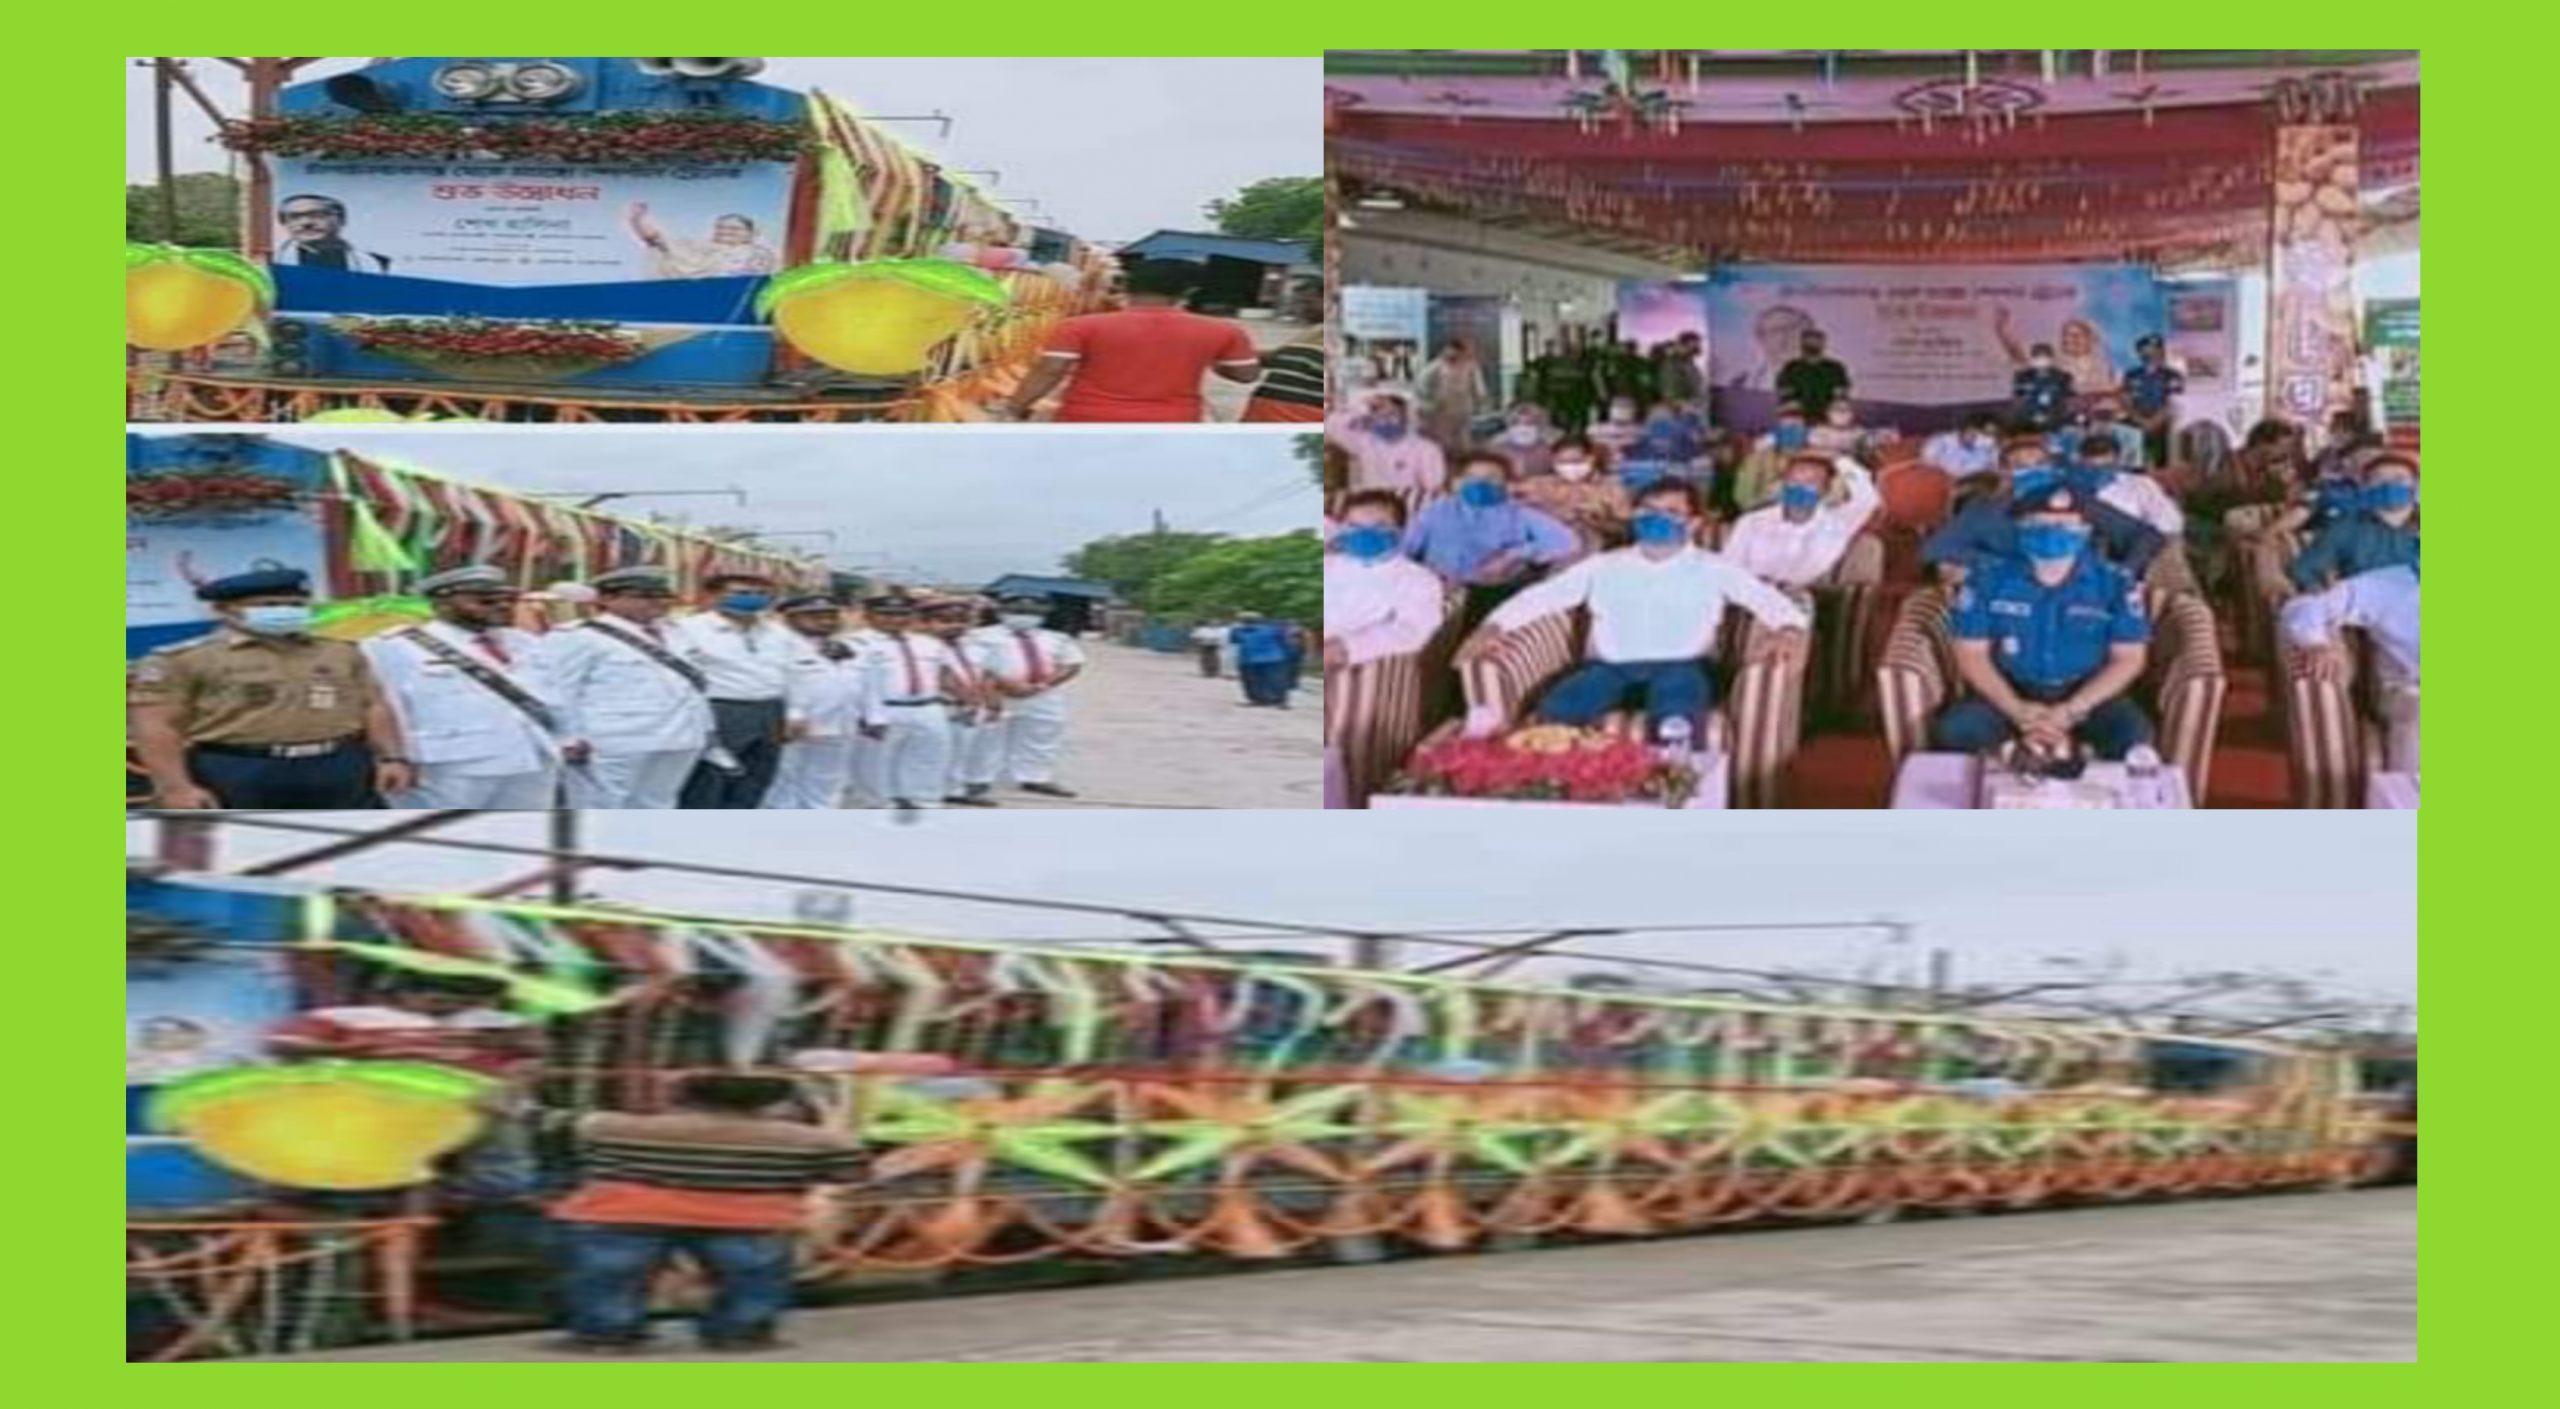 চাঁপাইনবাবগঞ্জে ম্যাংগো স্পেশাল ট্রেন উদ্বোধন